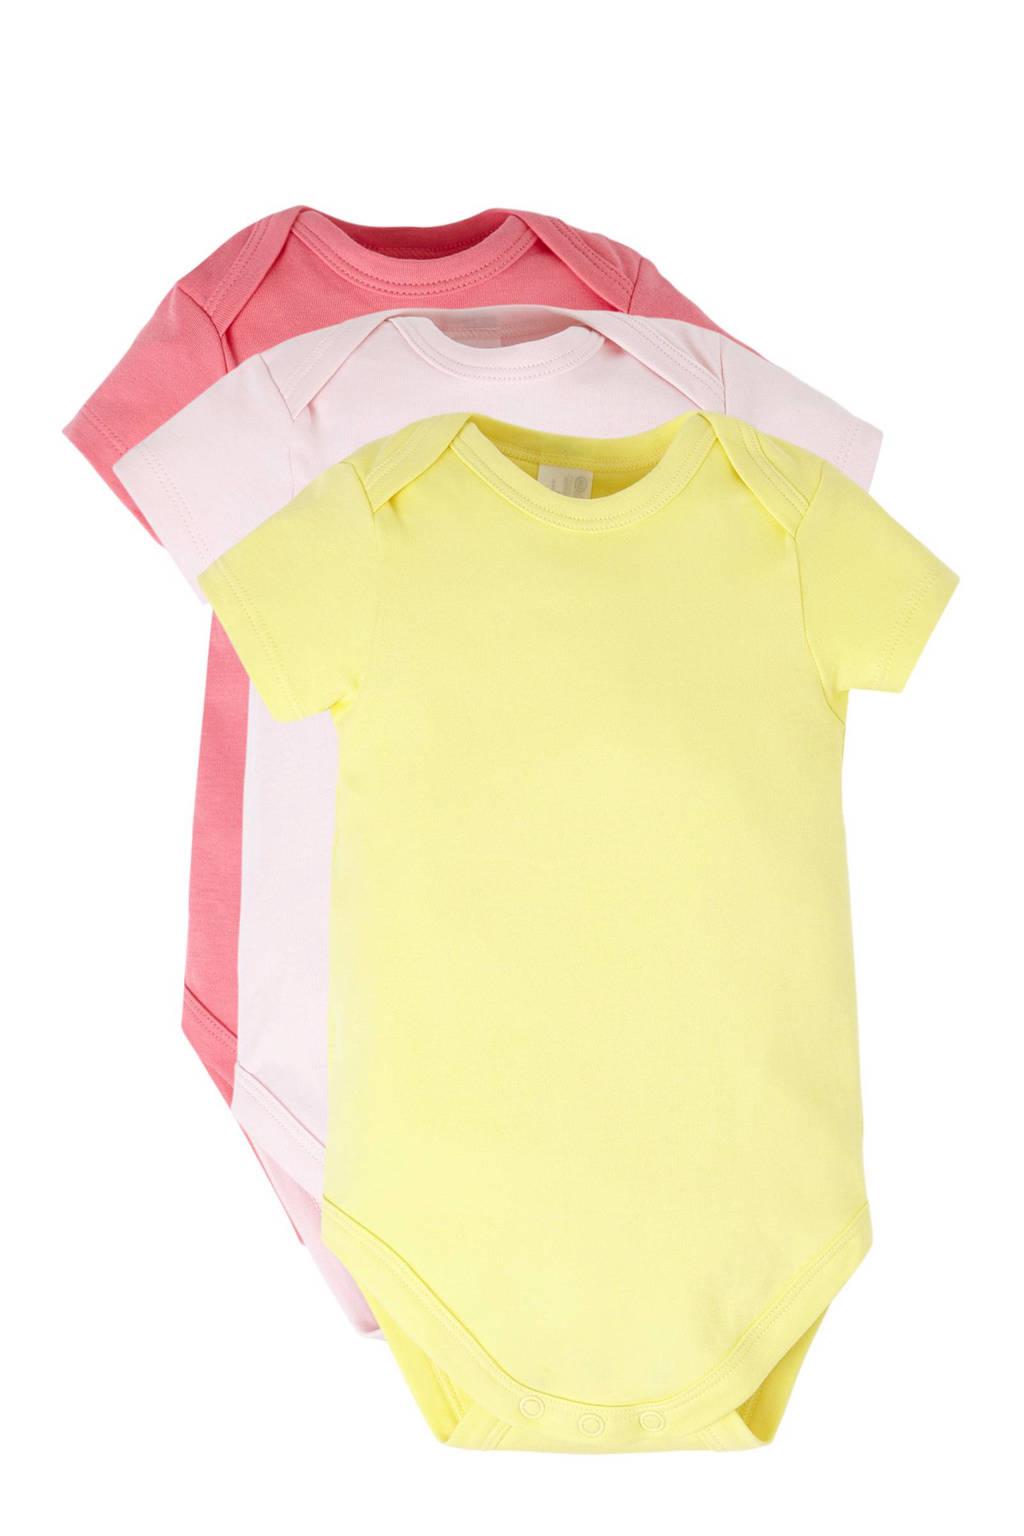 C&A Baby Club romper (set van 3), Lichtroze/fuchsia/geel